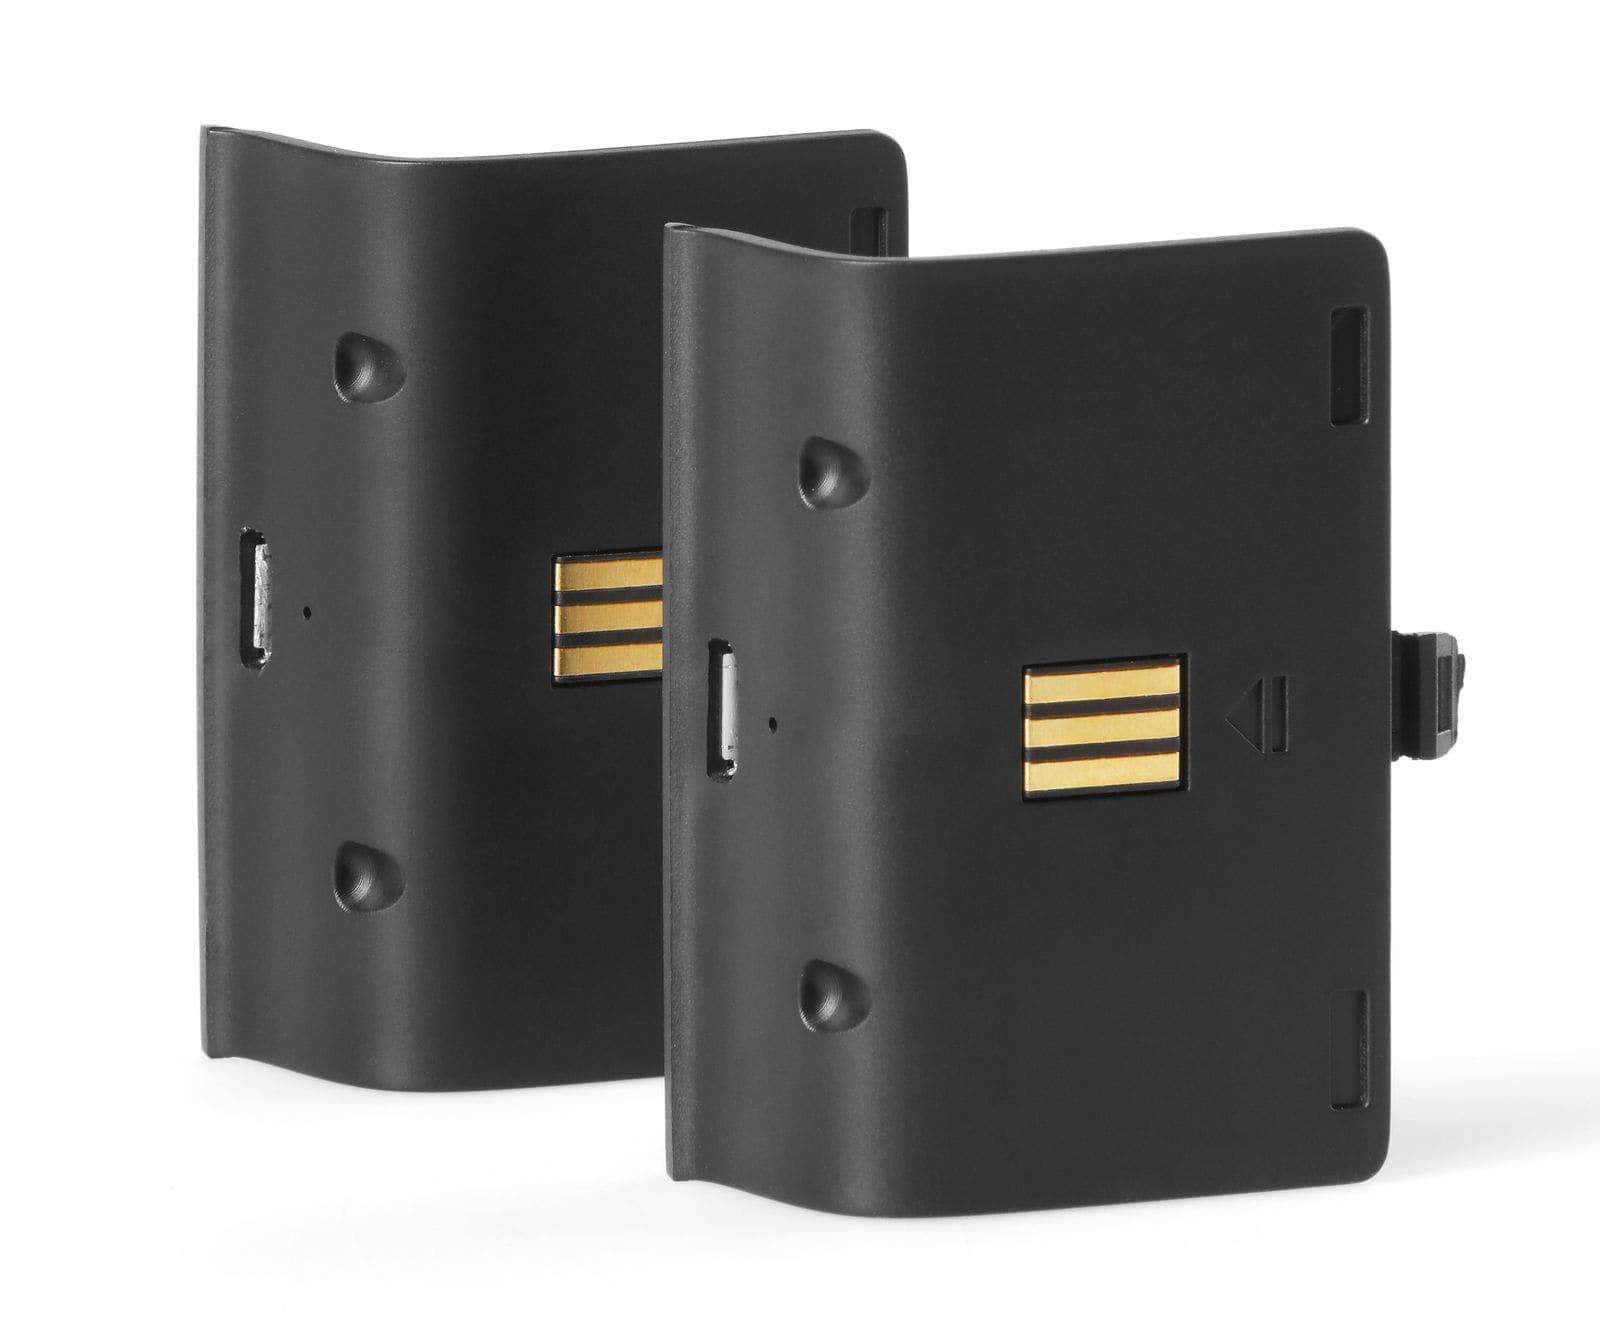 snakebyte zestaw akumulatorów do Xbox ONE BATTERY: KIT Black - 1